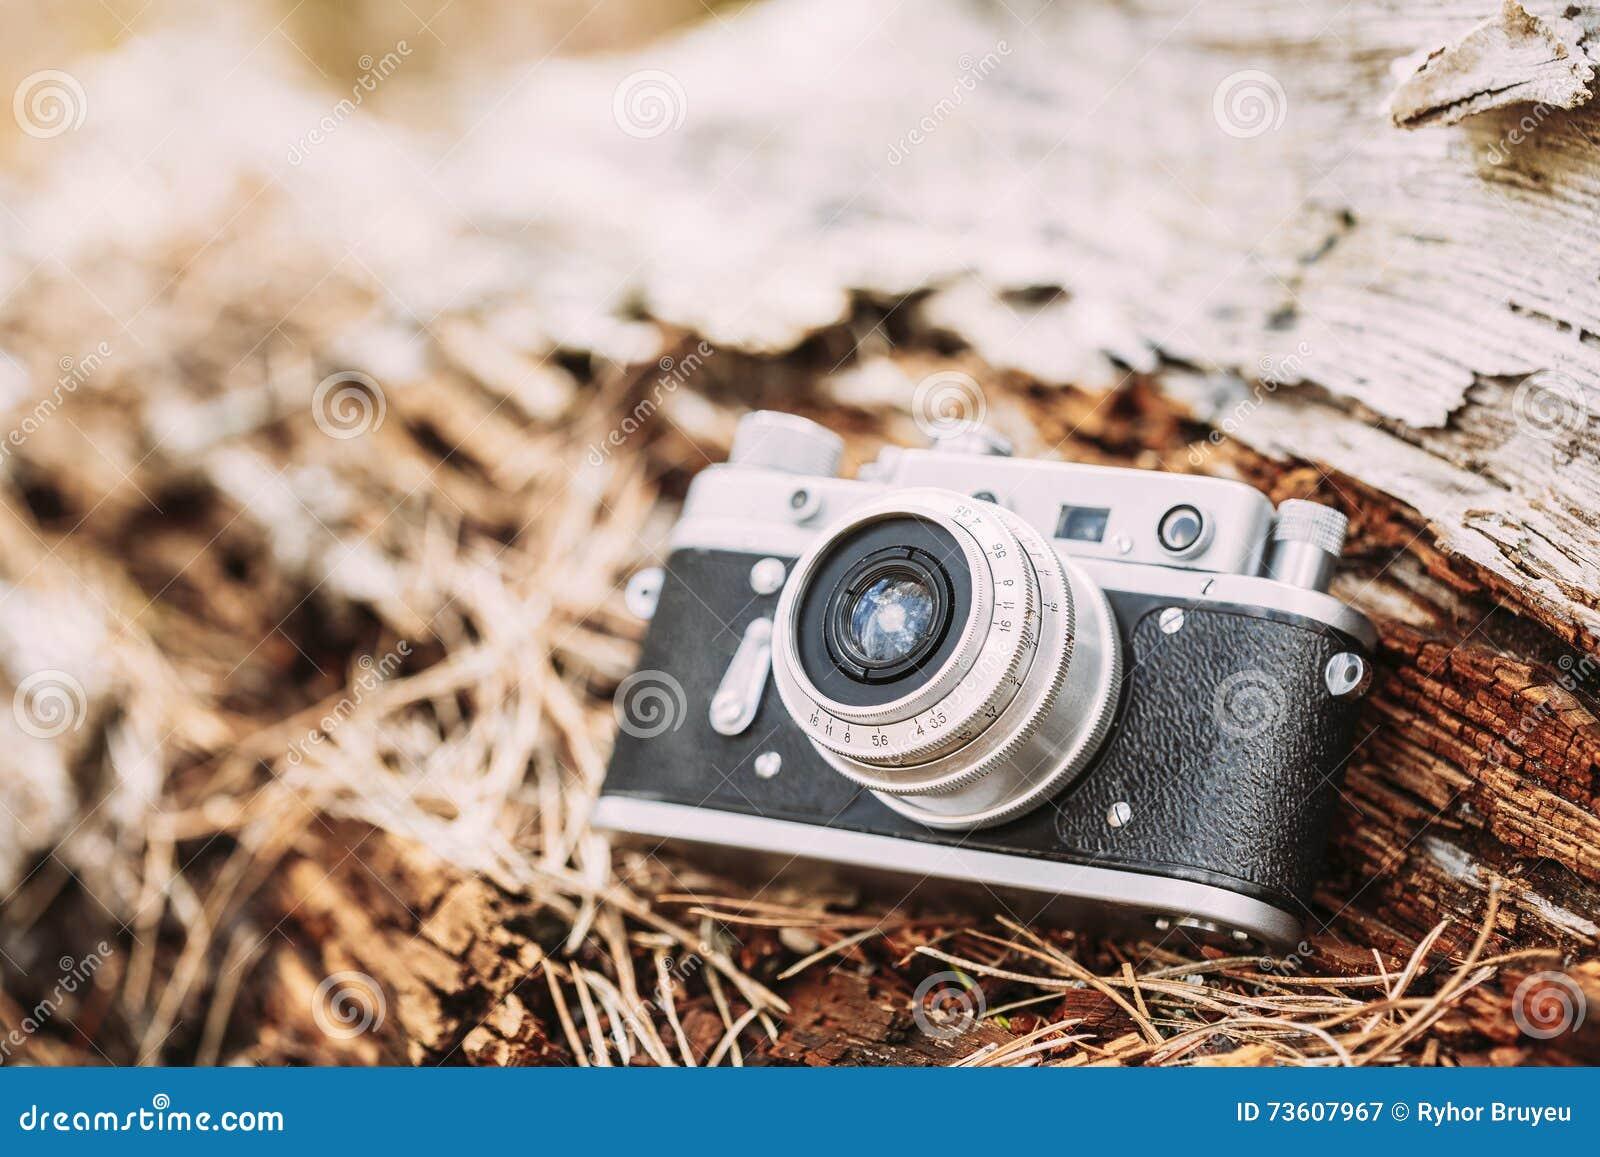 Alte weinlese klein format entfernungsmesser kamera 1950 1960s